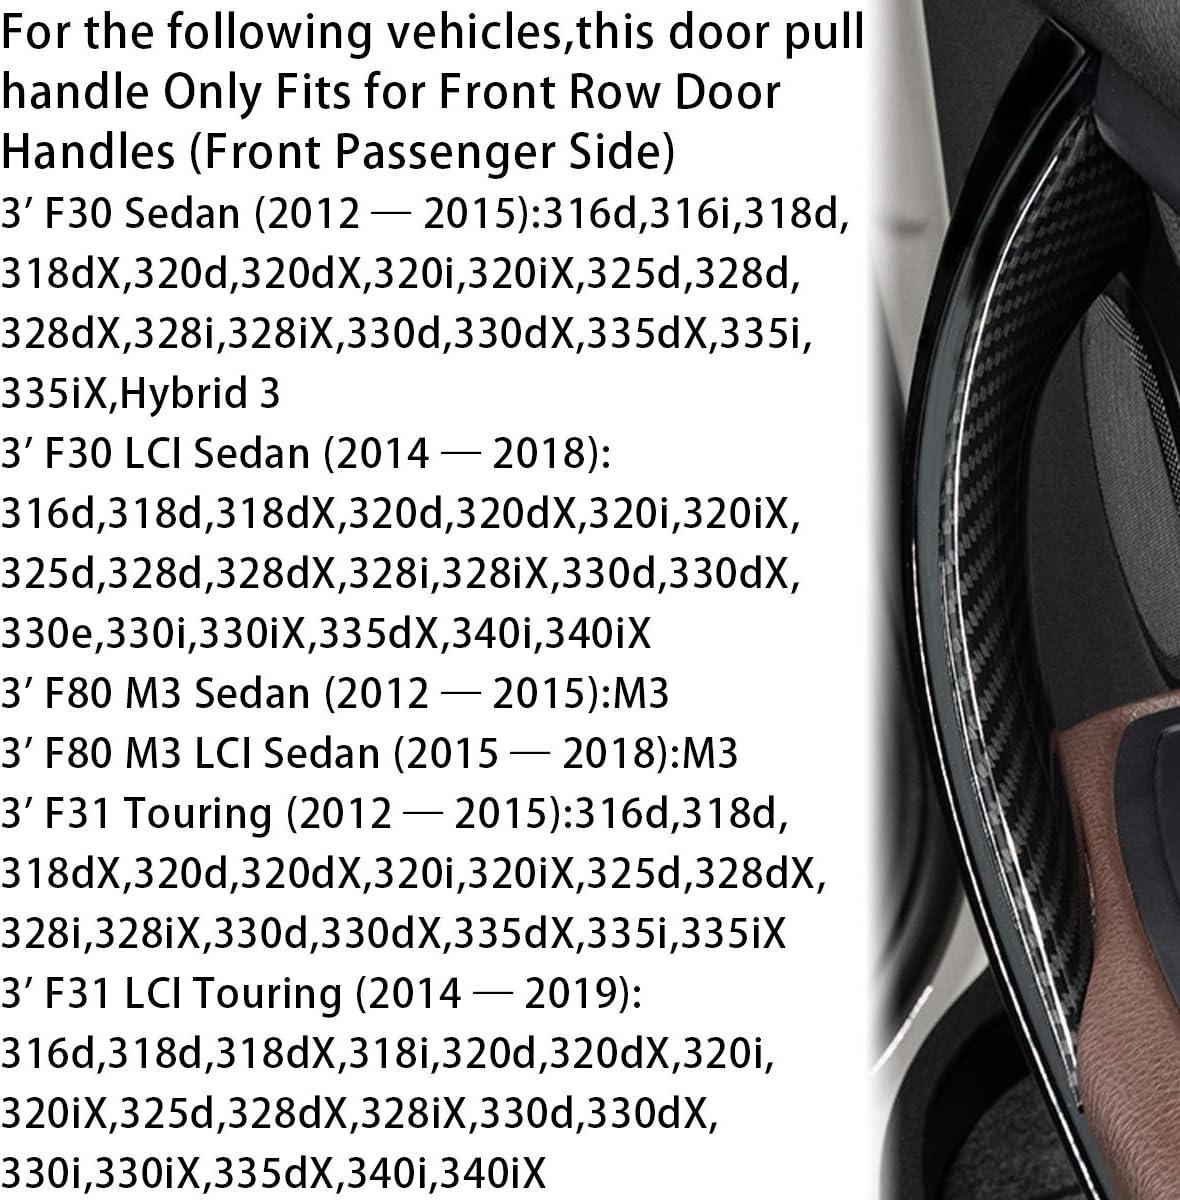 Fits:BMW 328 320 335 12-18,420 435 M4 12-17 Carbon Fiber Pattern Moonlinks for BMW 3 4 Series Carbon Fiber Inner Door Pull Handle Bracket Replacement,Front Left Driver Side Inner Door Handle